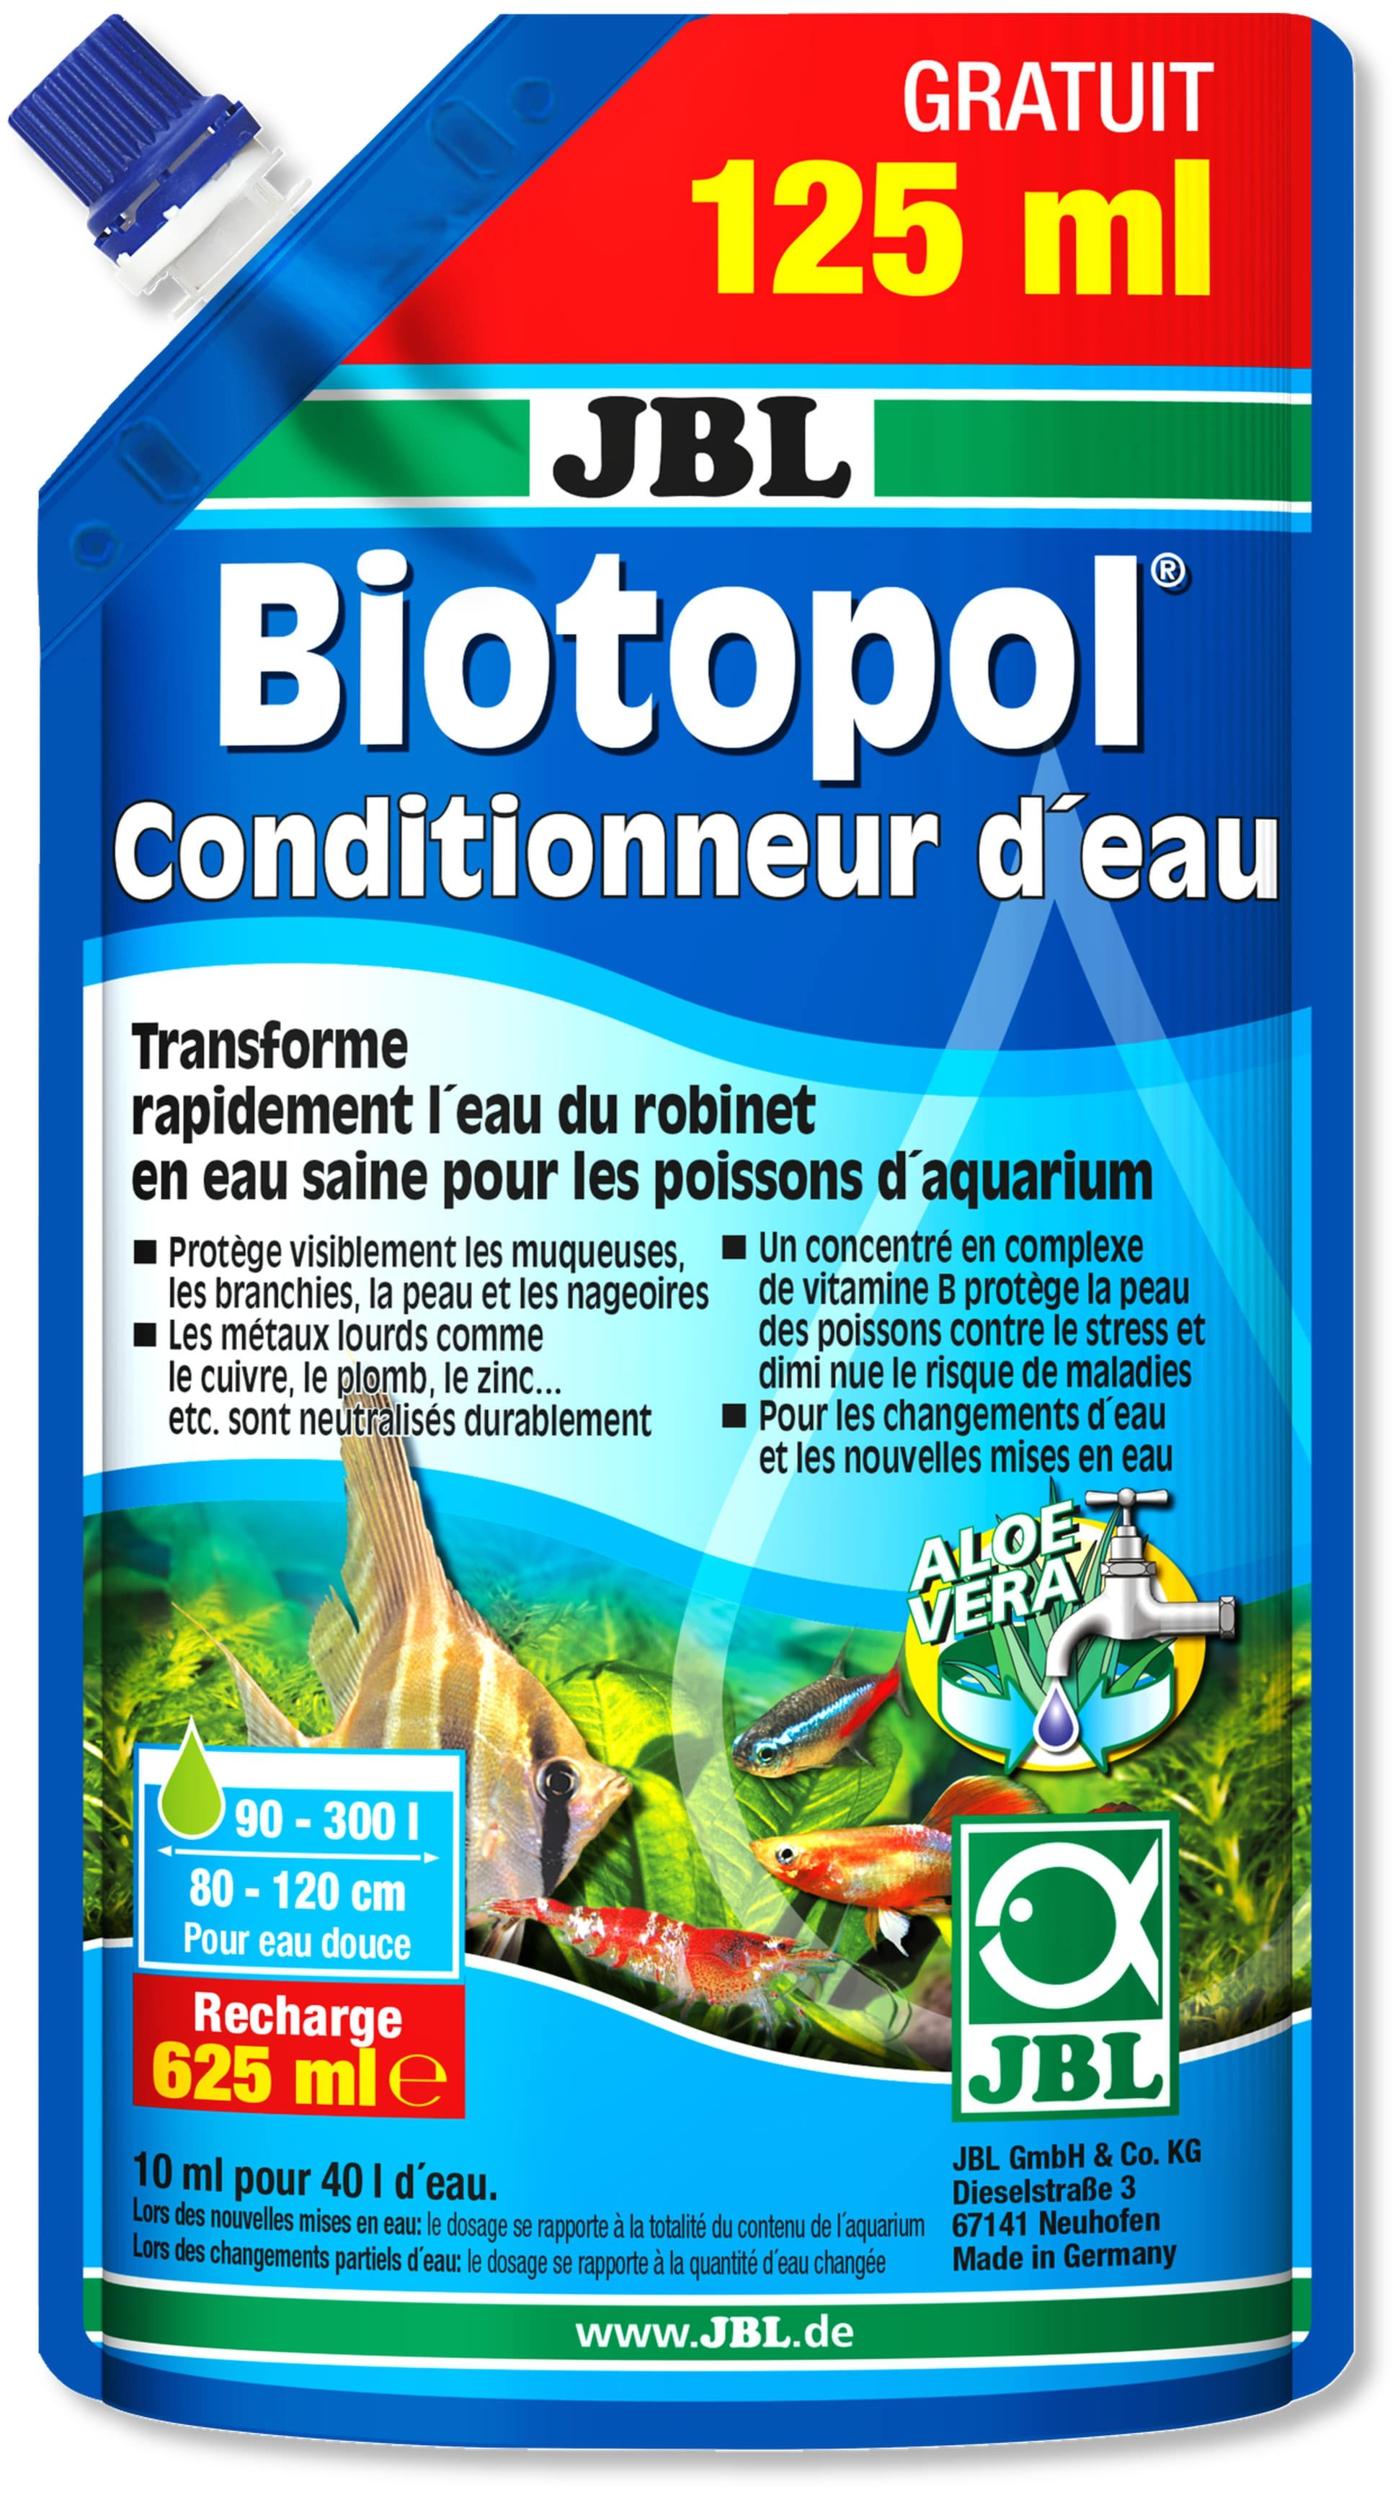 JBL Biotopol Recharge 500ml + 125ml GRATUIT conditionne l\'eau de votre aquarium d\'eau douce